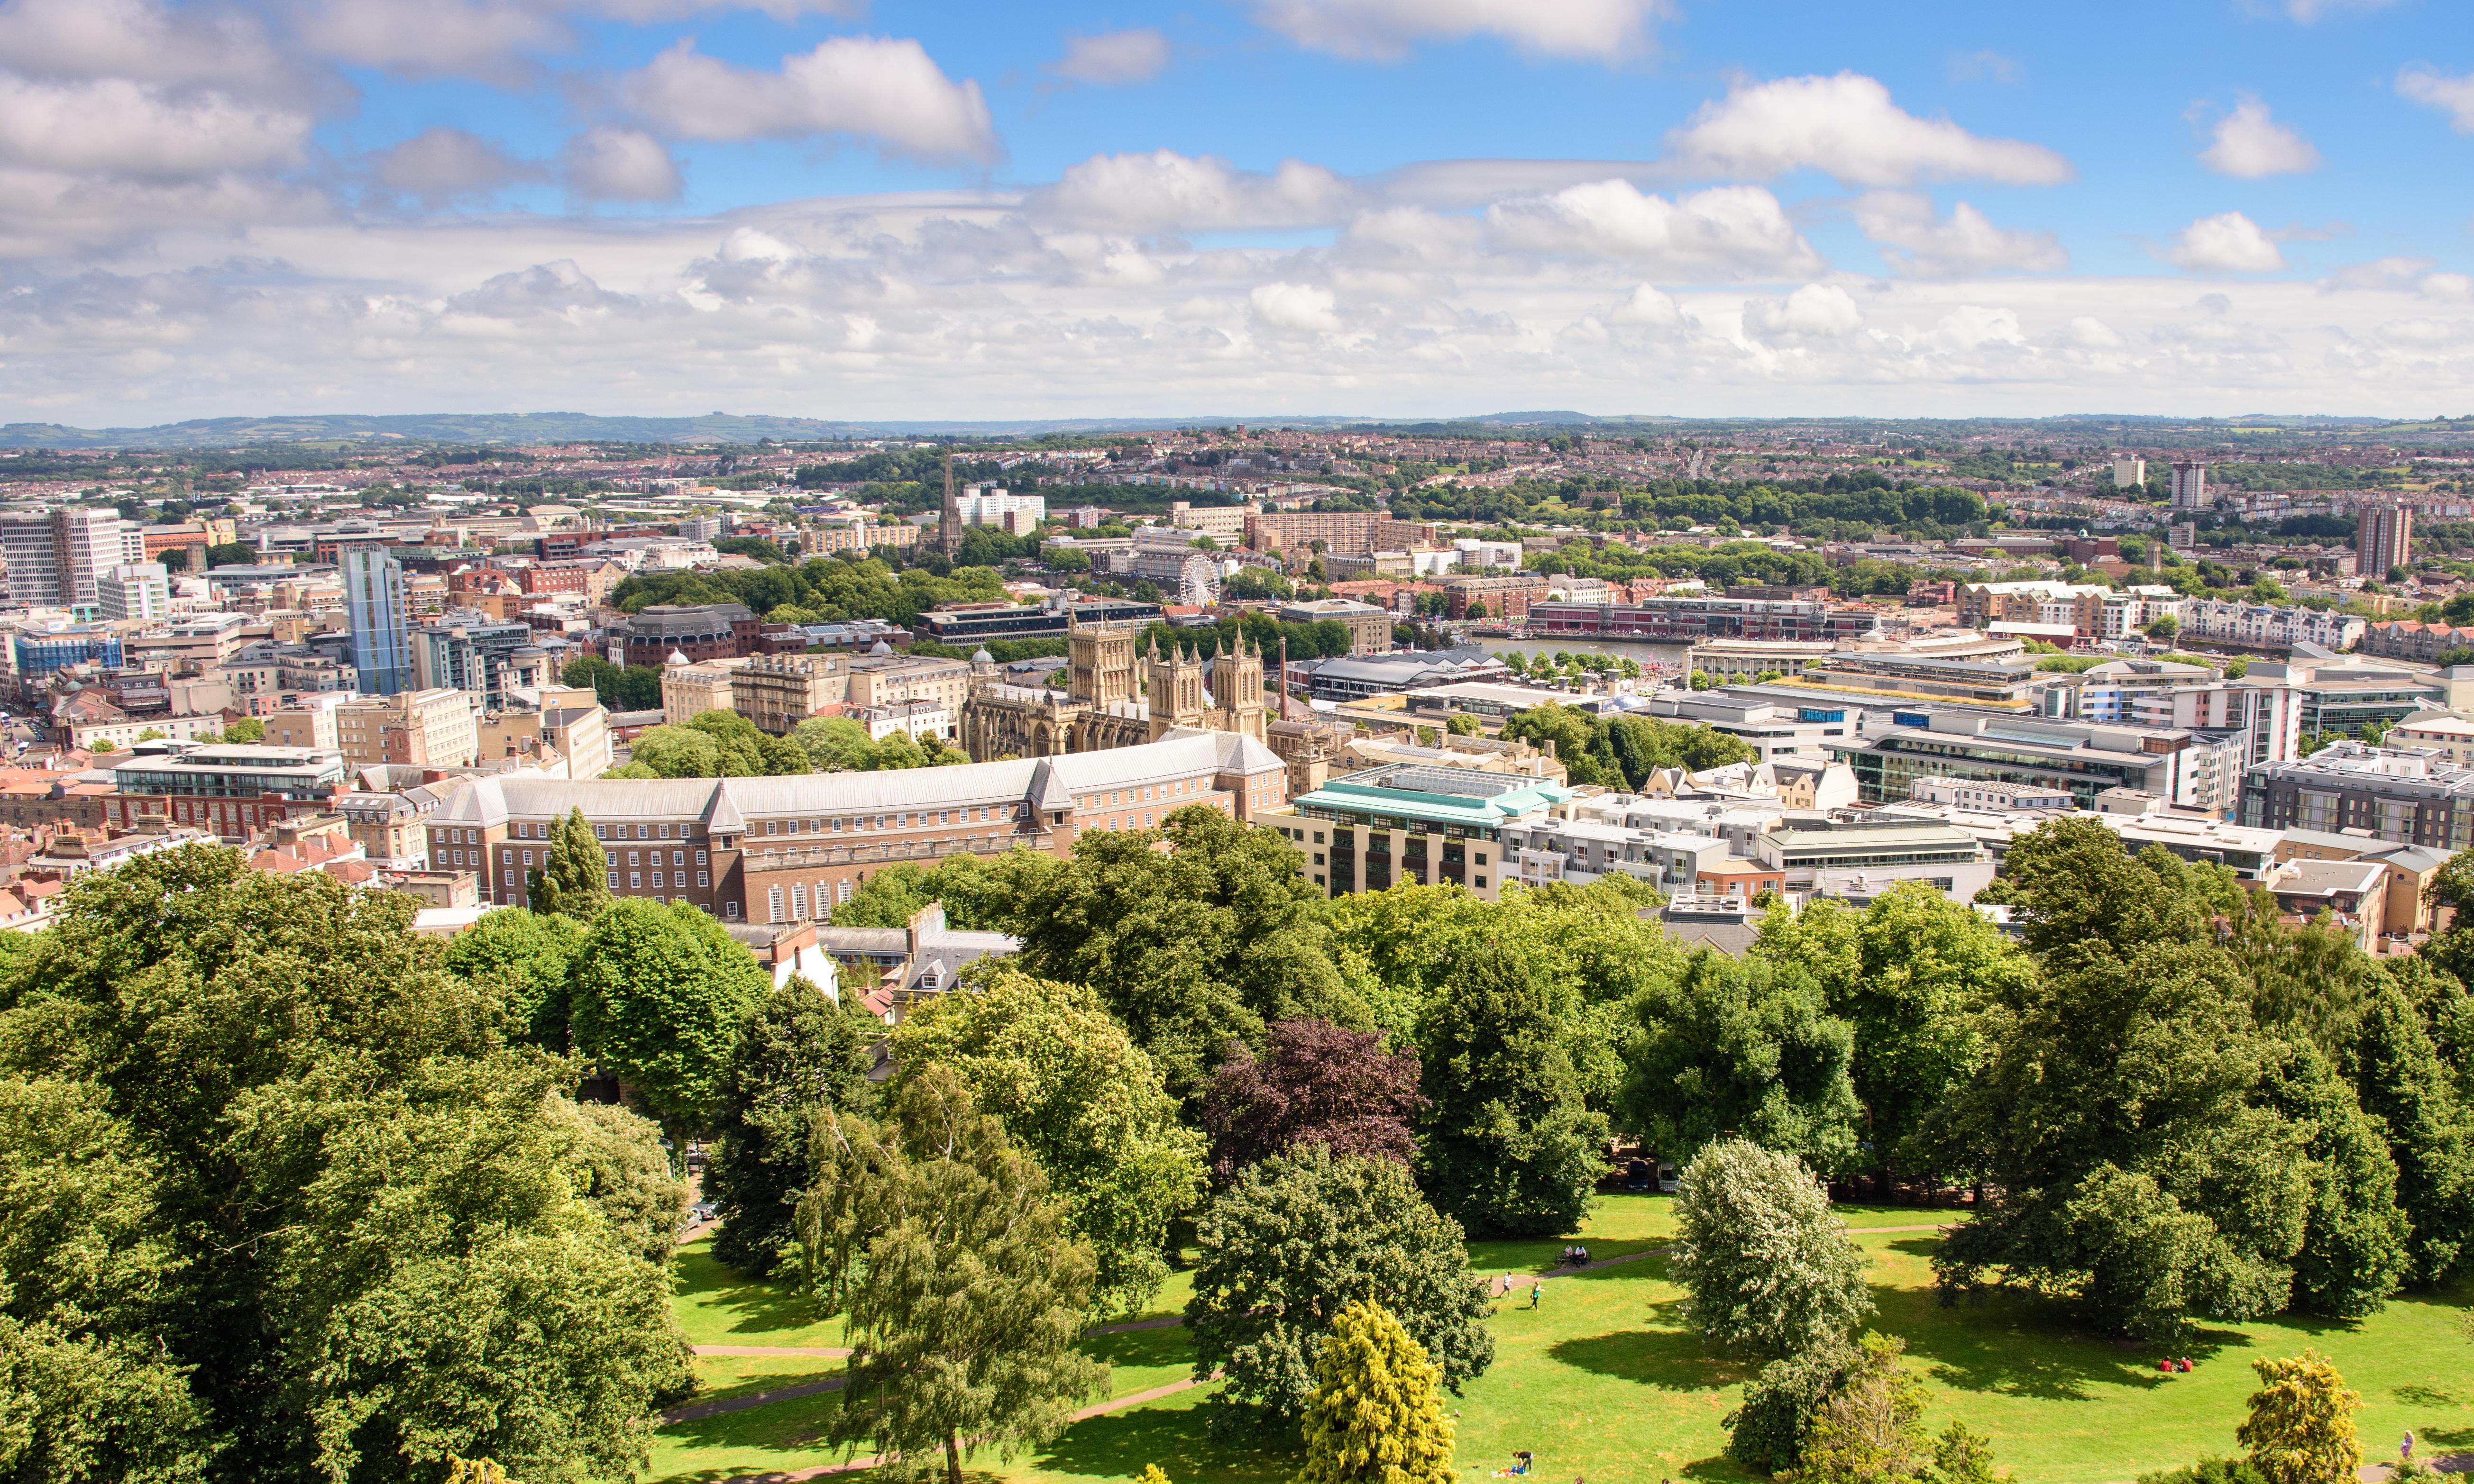 Brunel and beyond: a walk around historic Bristol